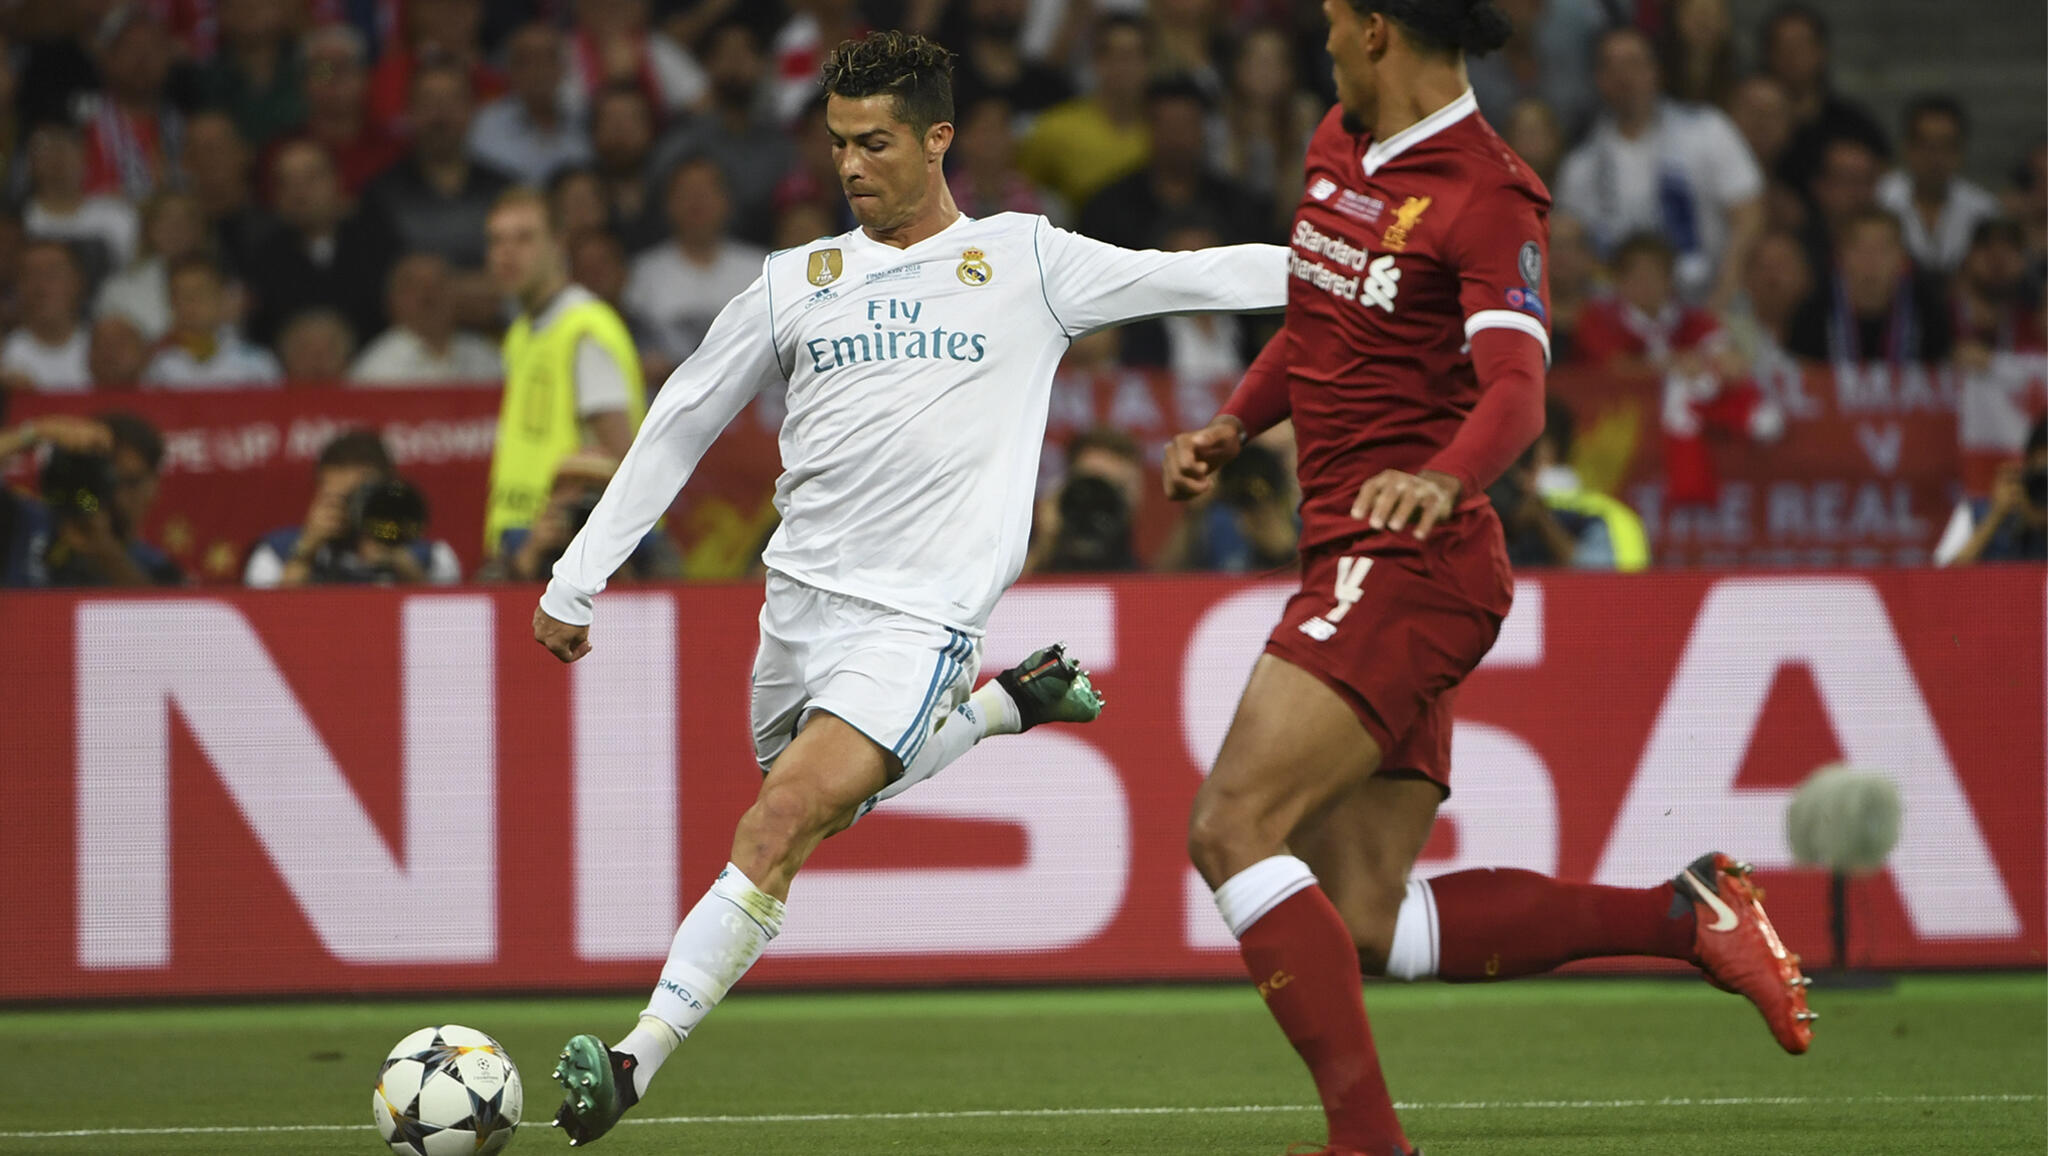 Real Madrid ta lallasa Liverpool da kwallaye 3-1 a wasan karshe na gasar zakarun Turai a 2018.